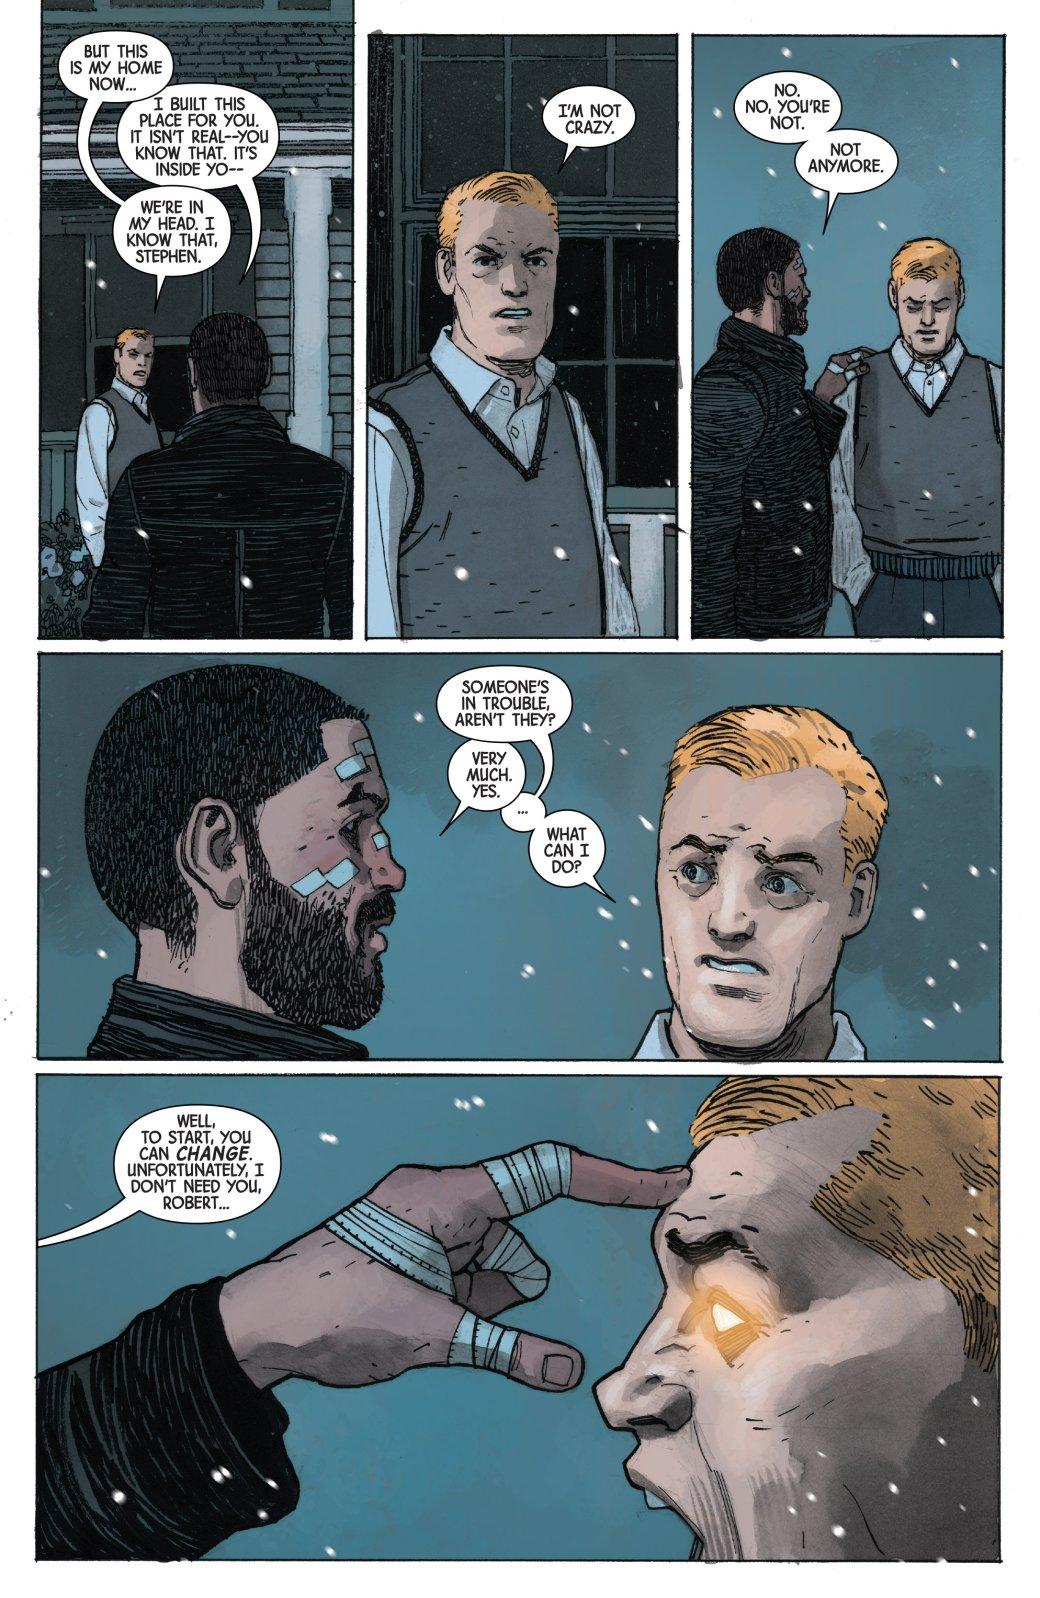 Издательство Marvel вернуло вкомиксы своего самого сильного супергероя | Канобу - Изображение 2